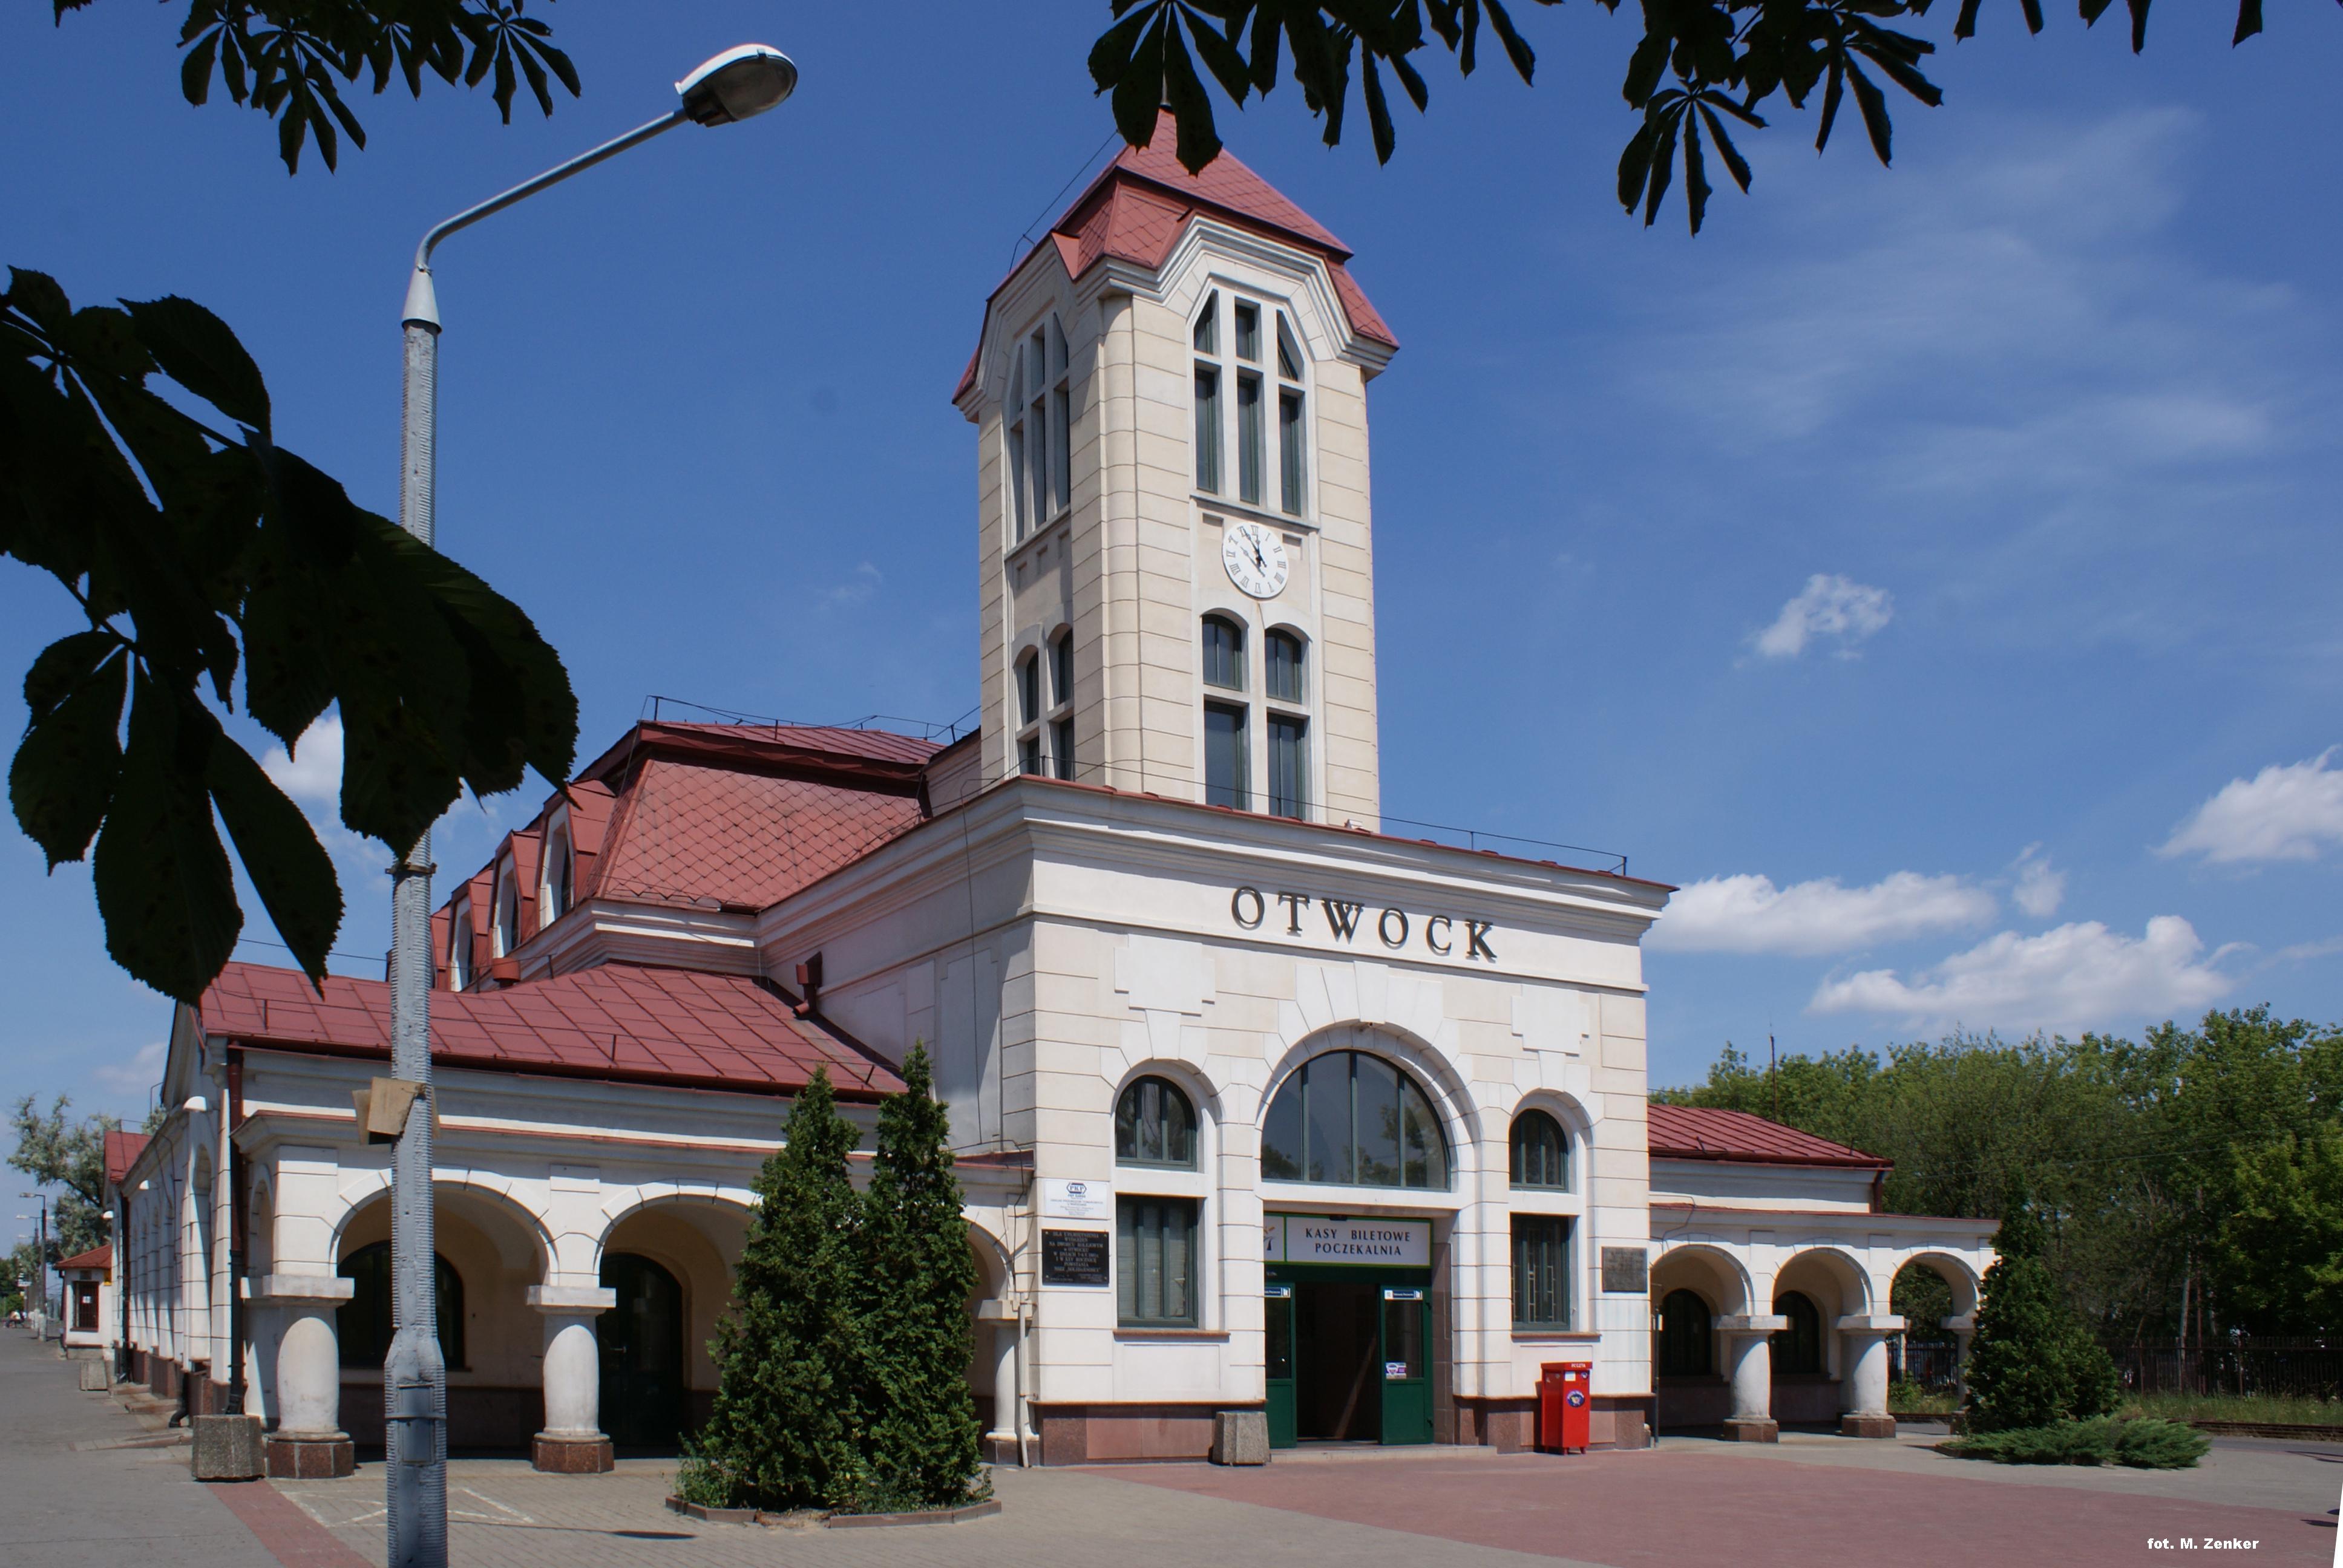 Dworzec kolejowy w Otwocku. Jany budynek z wieżą z zegarem i bordowym dachem. Nad drzwiami wejściowymi tekst Otwock.  Z prawej strony budynku zielone drzewa, w tle niebieskie niebo z białymi chmurami.